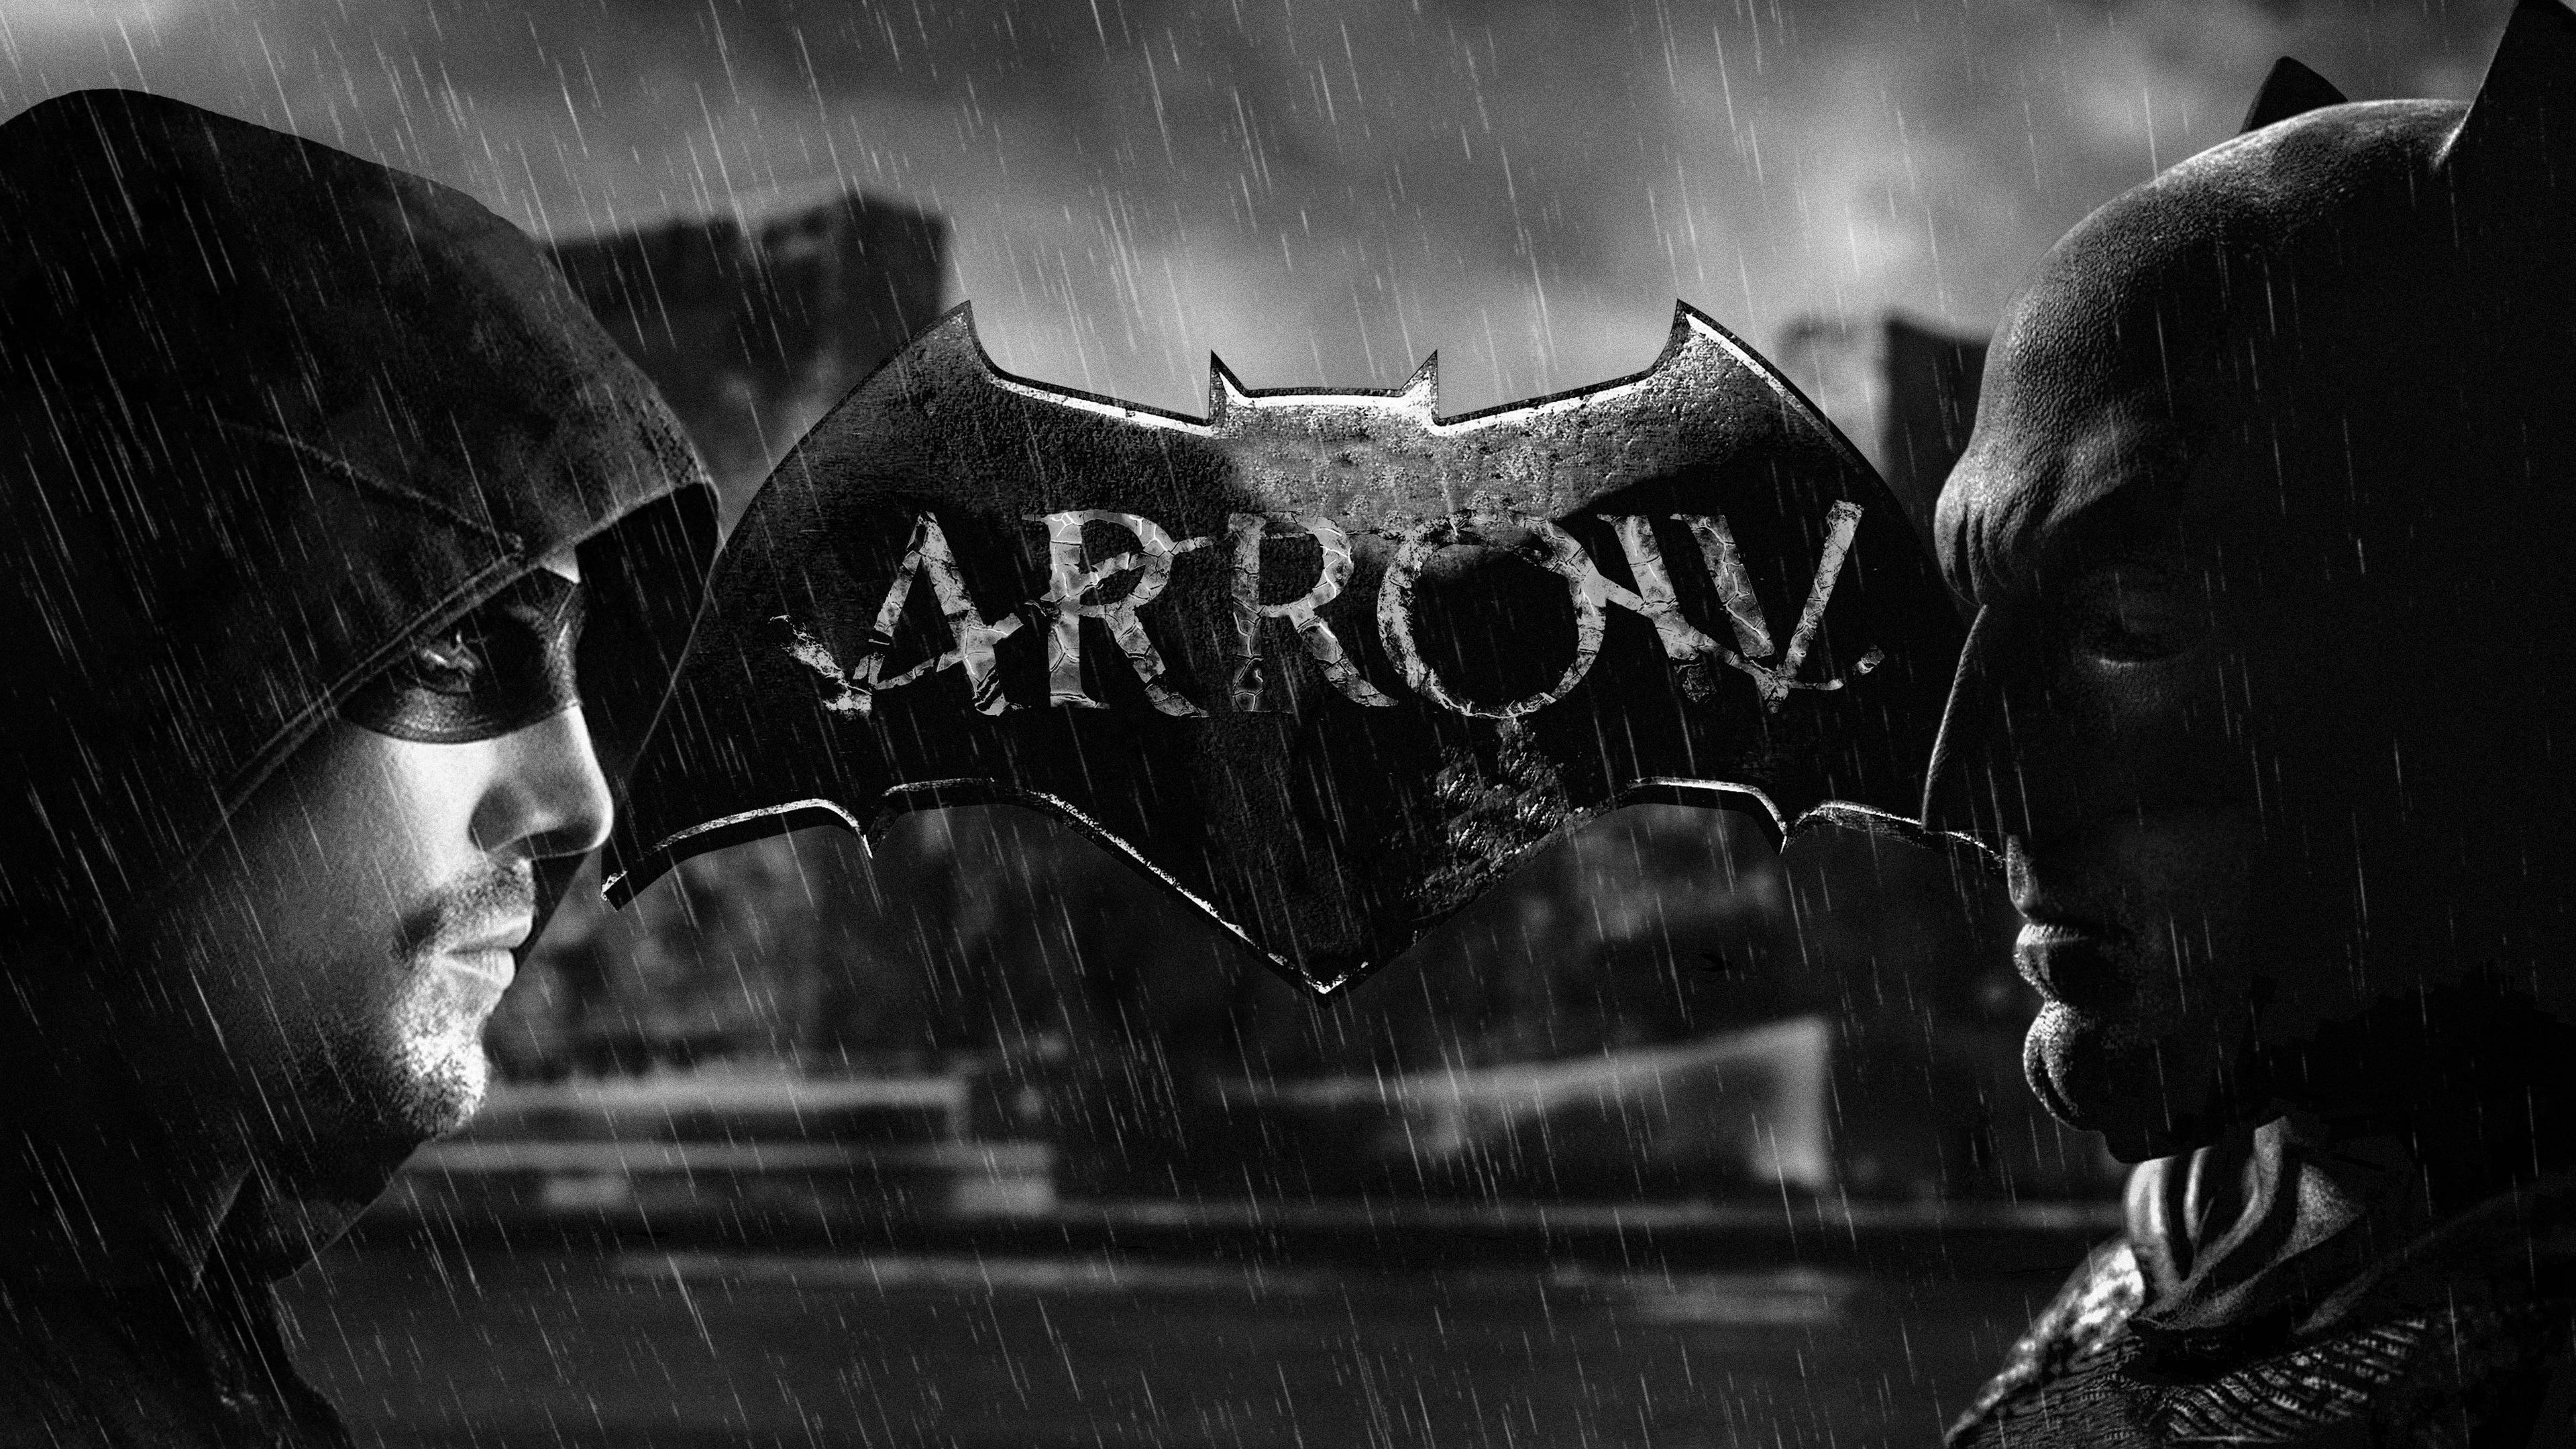 batman and arrow 4k 1536520102 - Batman And Arrow 4k - hd-wallpapers, deviantart wallpapers, batman wallpapers, artist wallpapers, arrow wallpapers, 4k-wallpapers